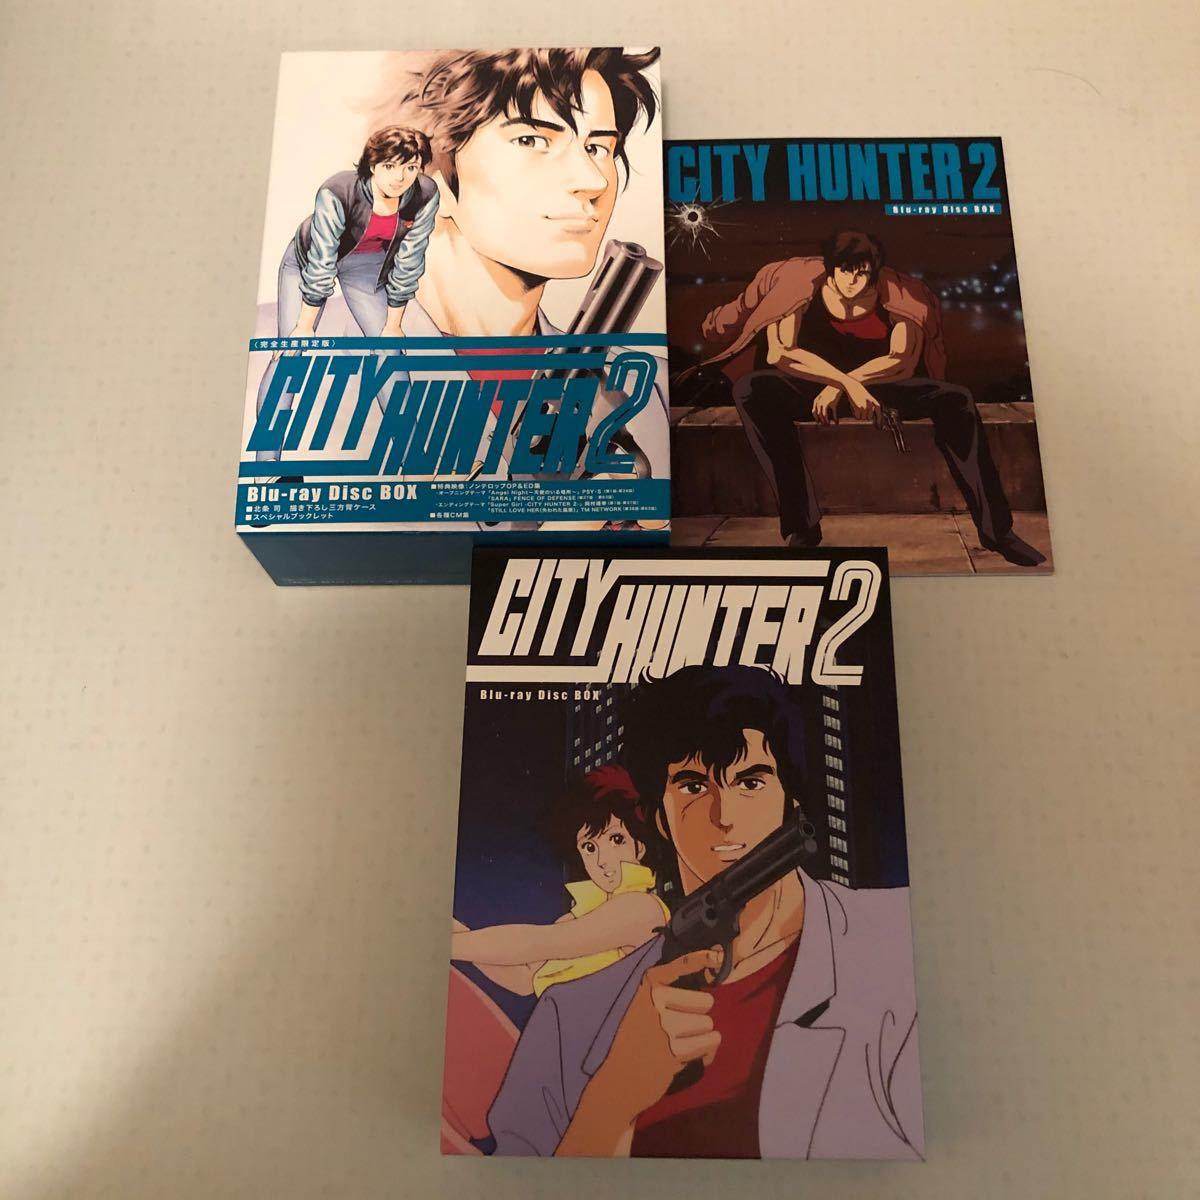 シティーハンター2 Blu-ray Disc Box 完全生産限定版